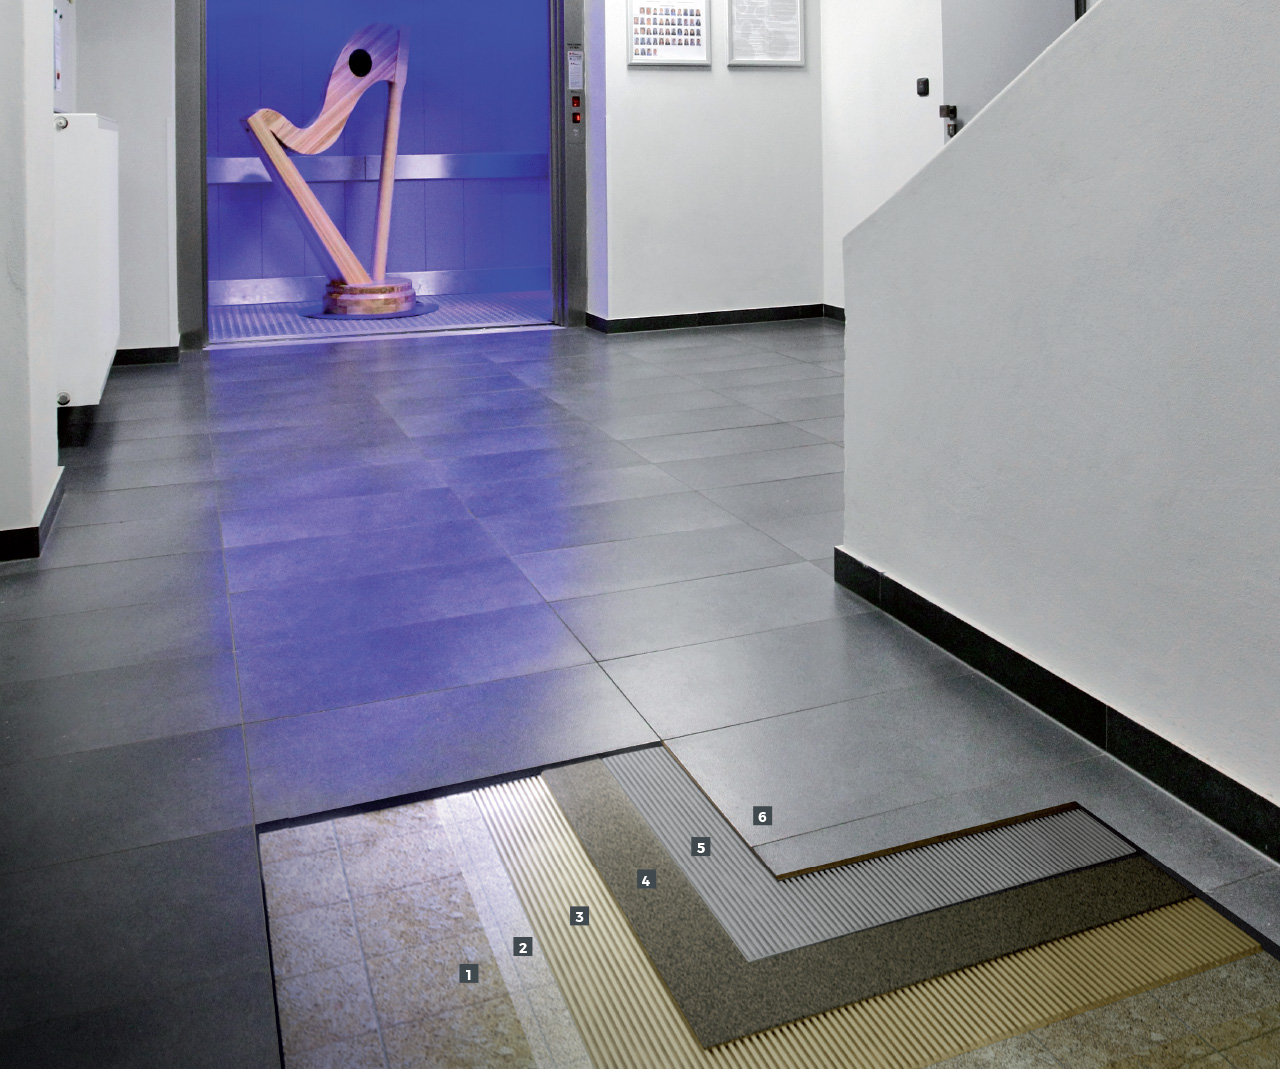 Sistema fonoisolante per la posa di piastrelle ceramiche su vecchia pavimentazione esistente mapei - Posa piastrelle su piastrelle ...